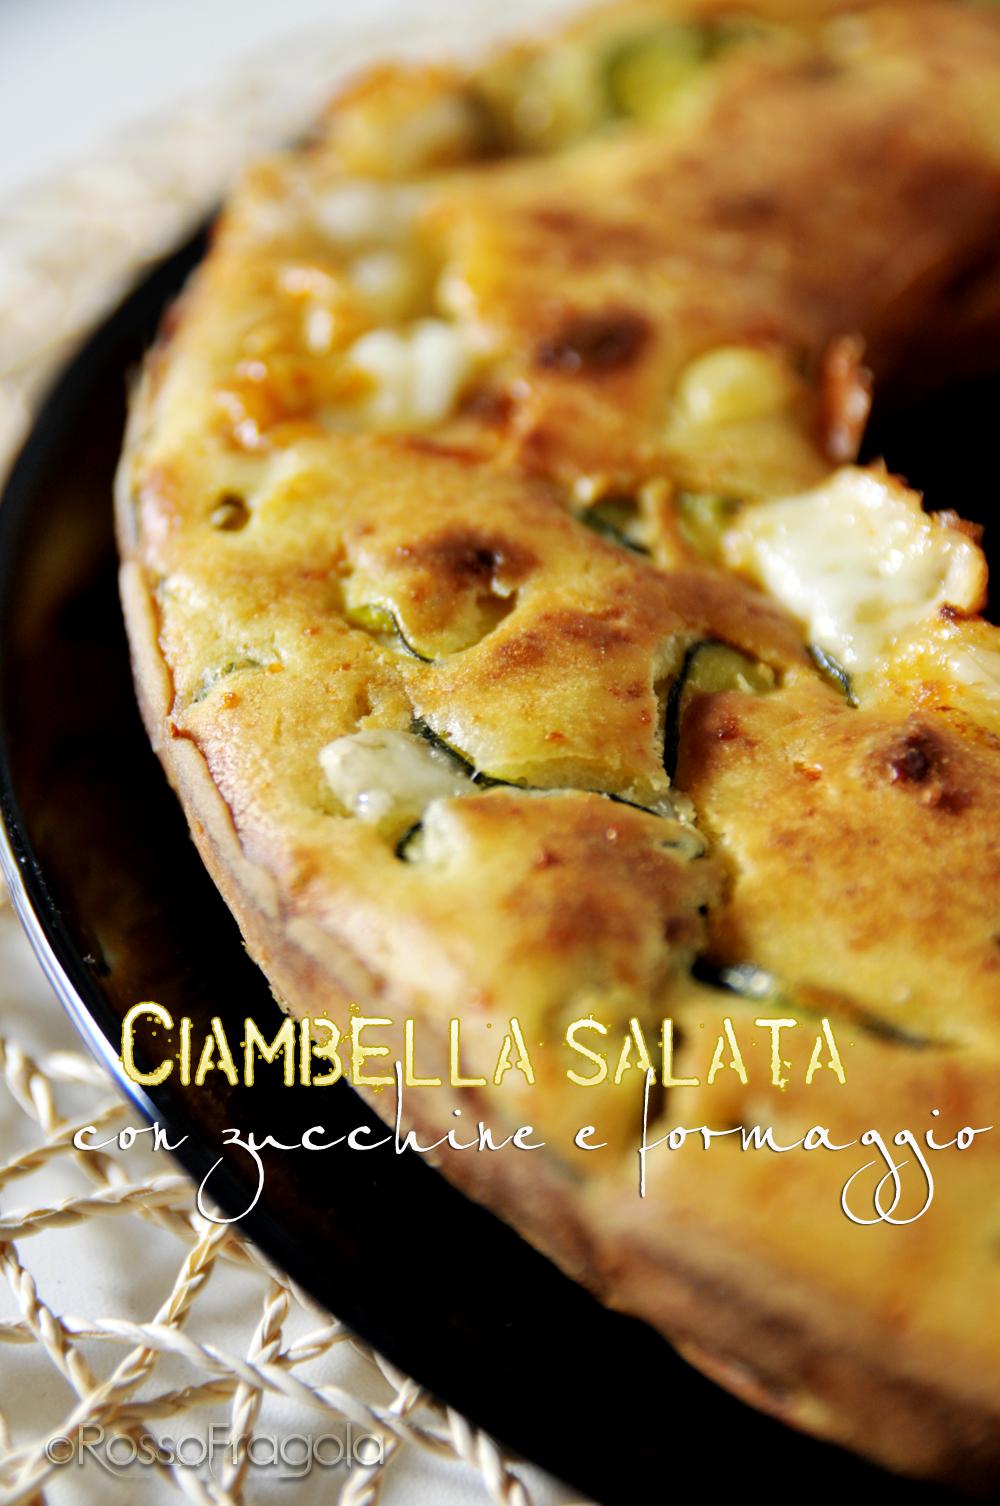 Ciambella salata con zucchine e formaggio